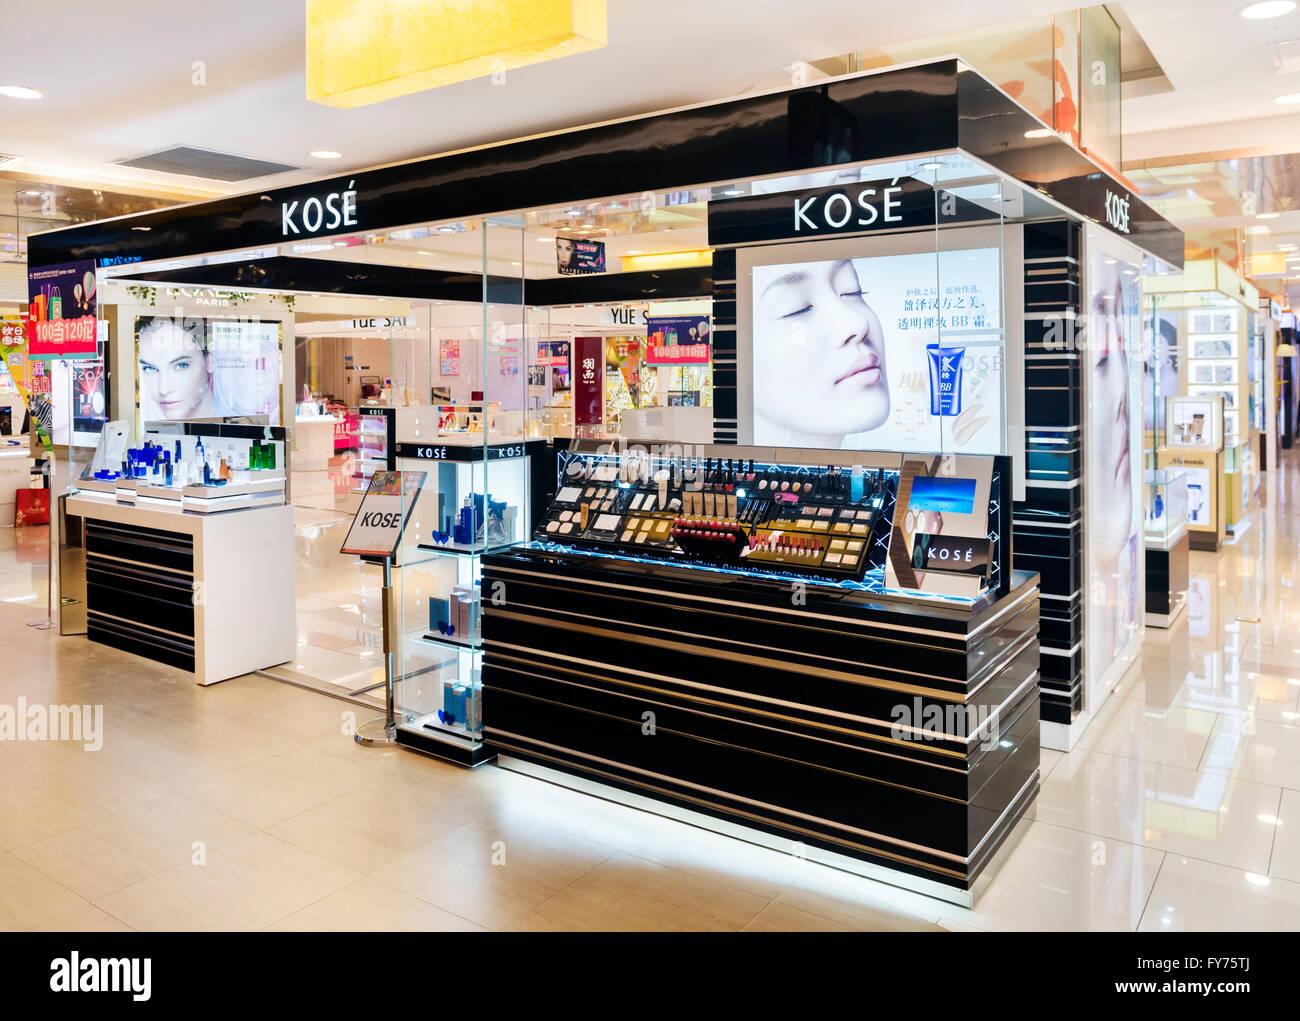 Kose Kosmetik und Make-up Store, Anzeige der japanische Beauty-Produkte in einer Shopping-Mall, Xi ' an, Shaanxi, Stockbild